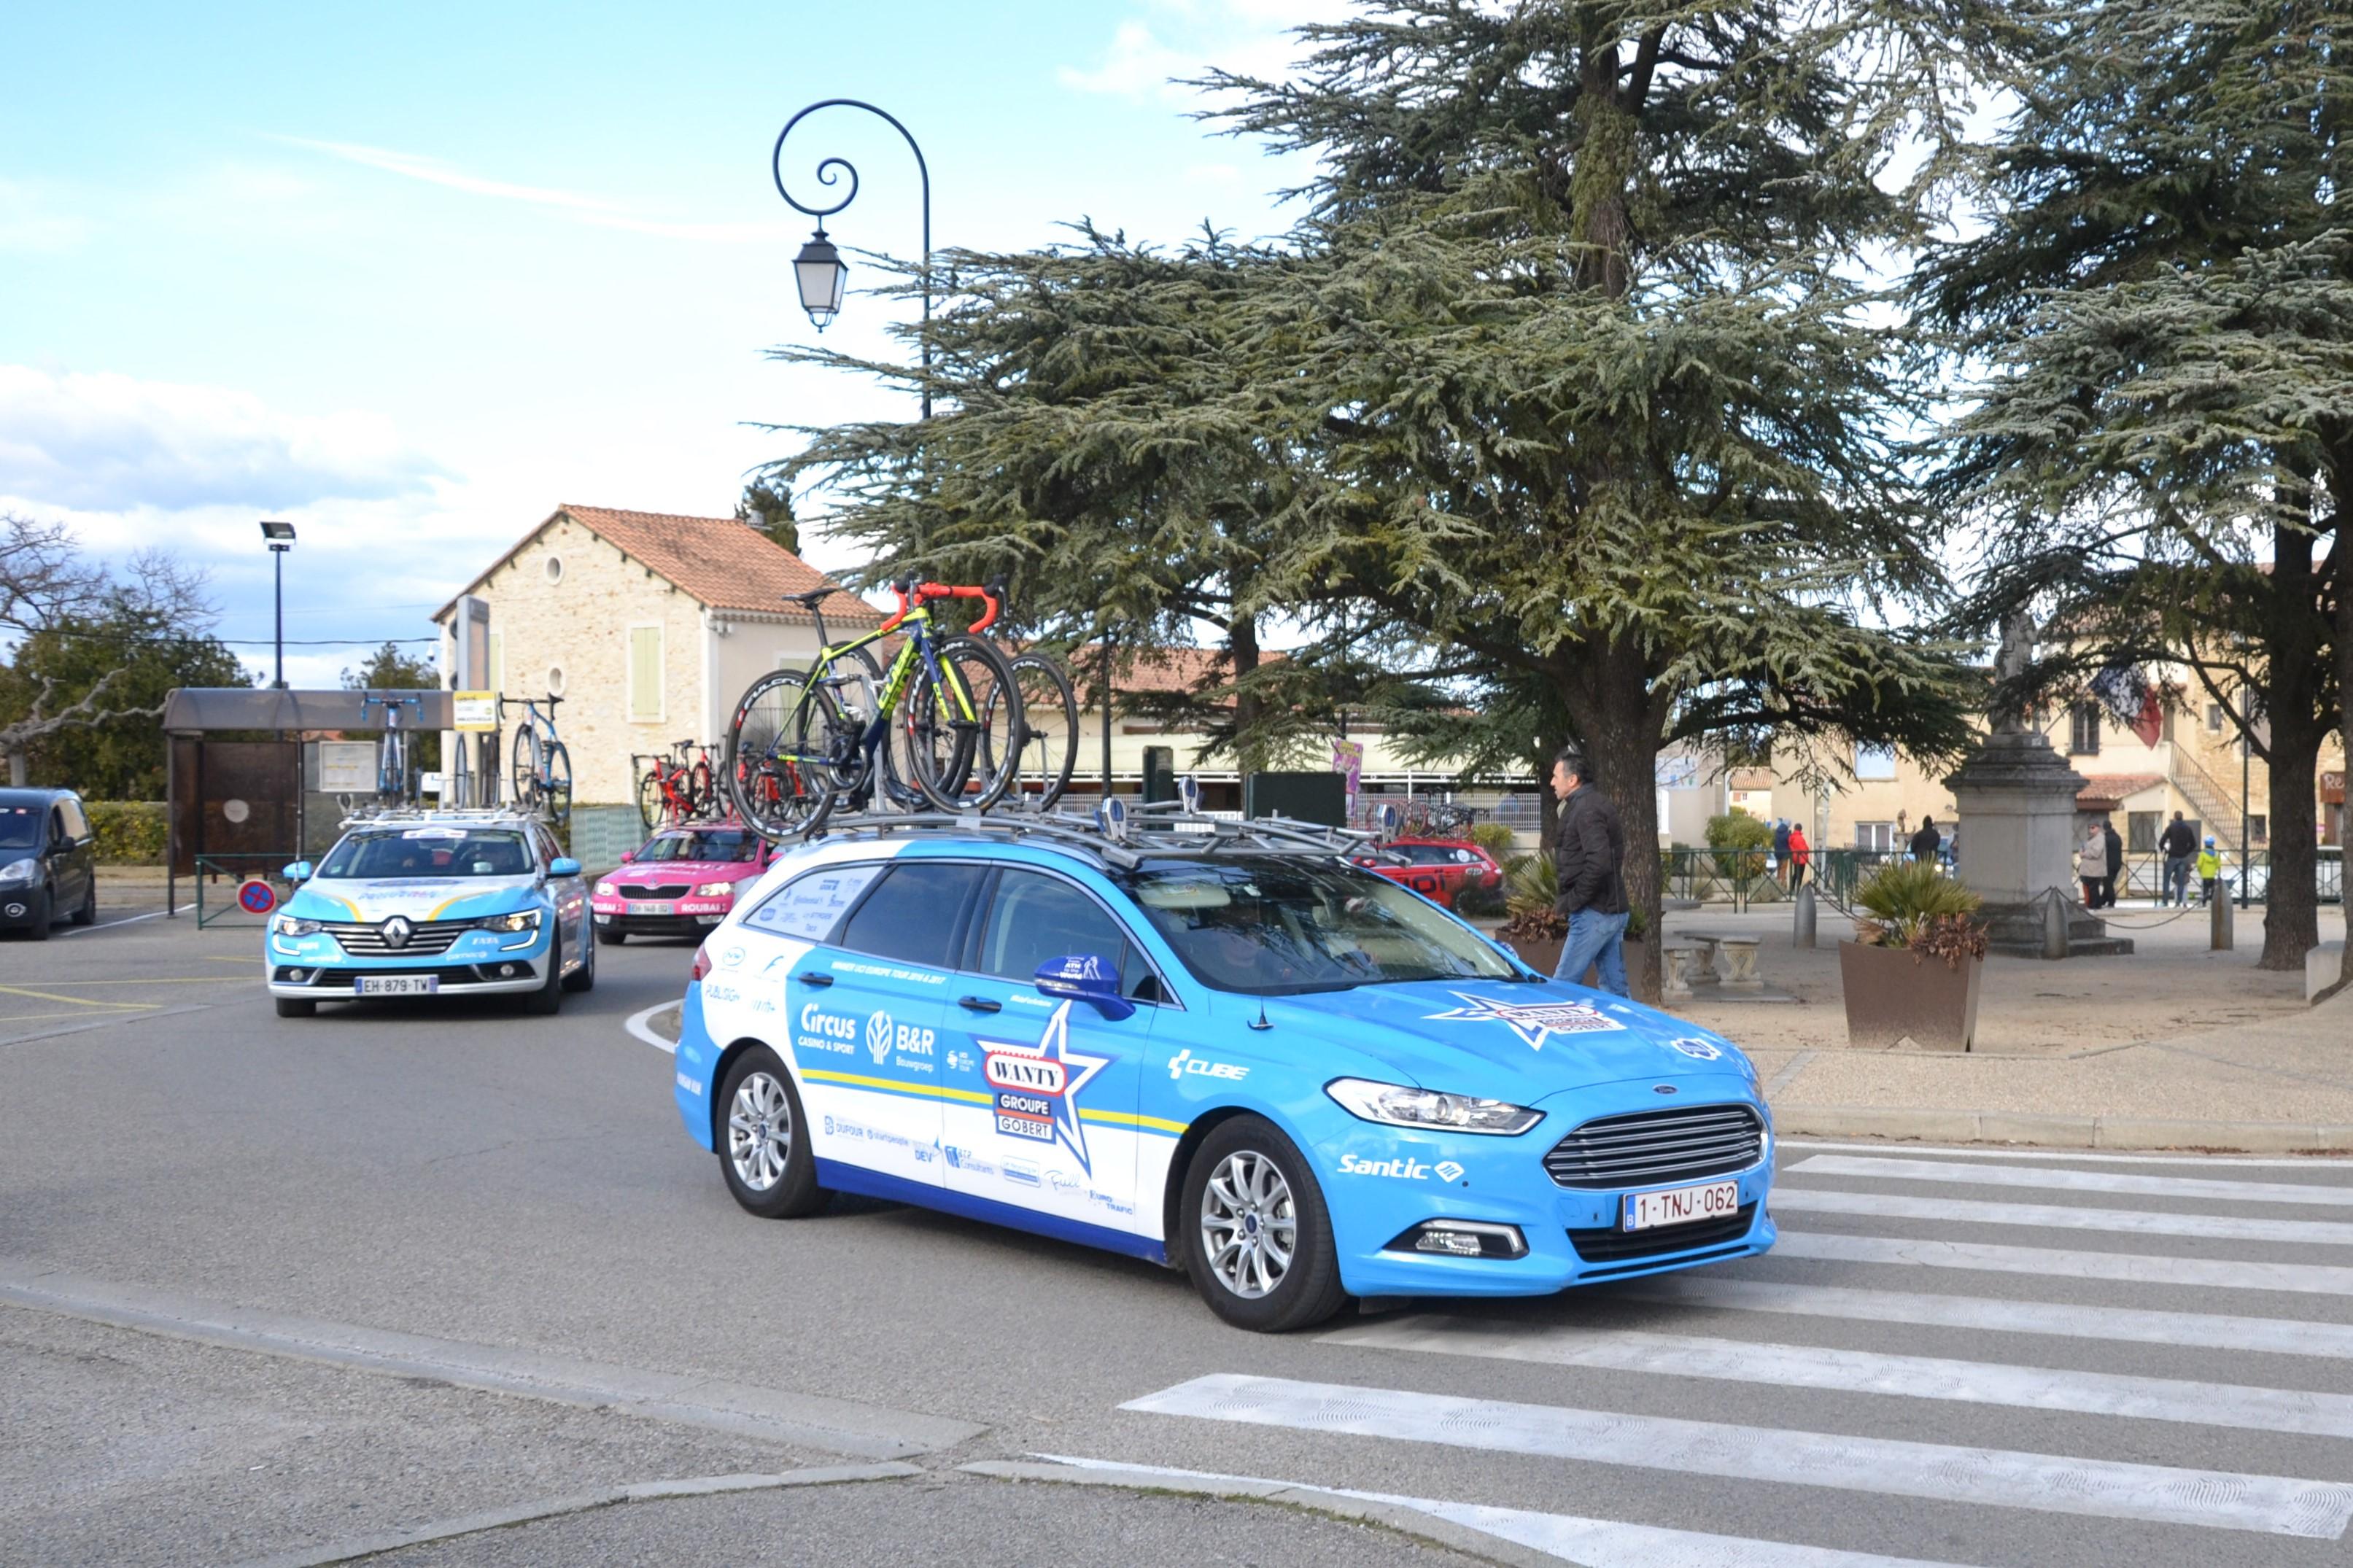 File Étoile de Bessèges 2018 - étape 4 - St Laurent des Arbres - Véhicule Wanty  groupe Gobert.jpg 3f5854ee2